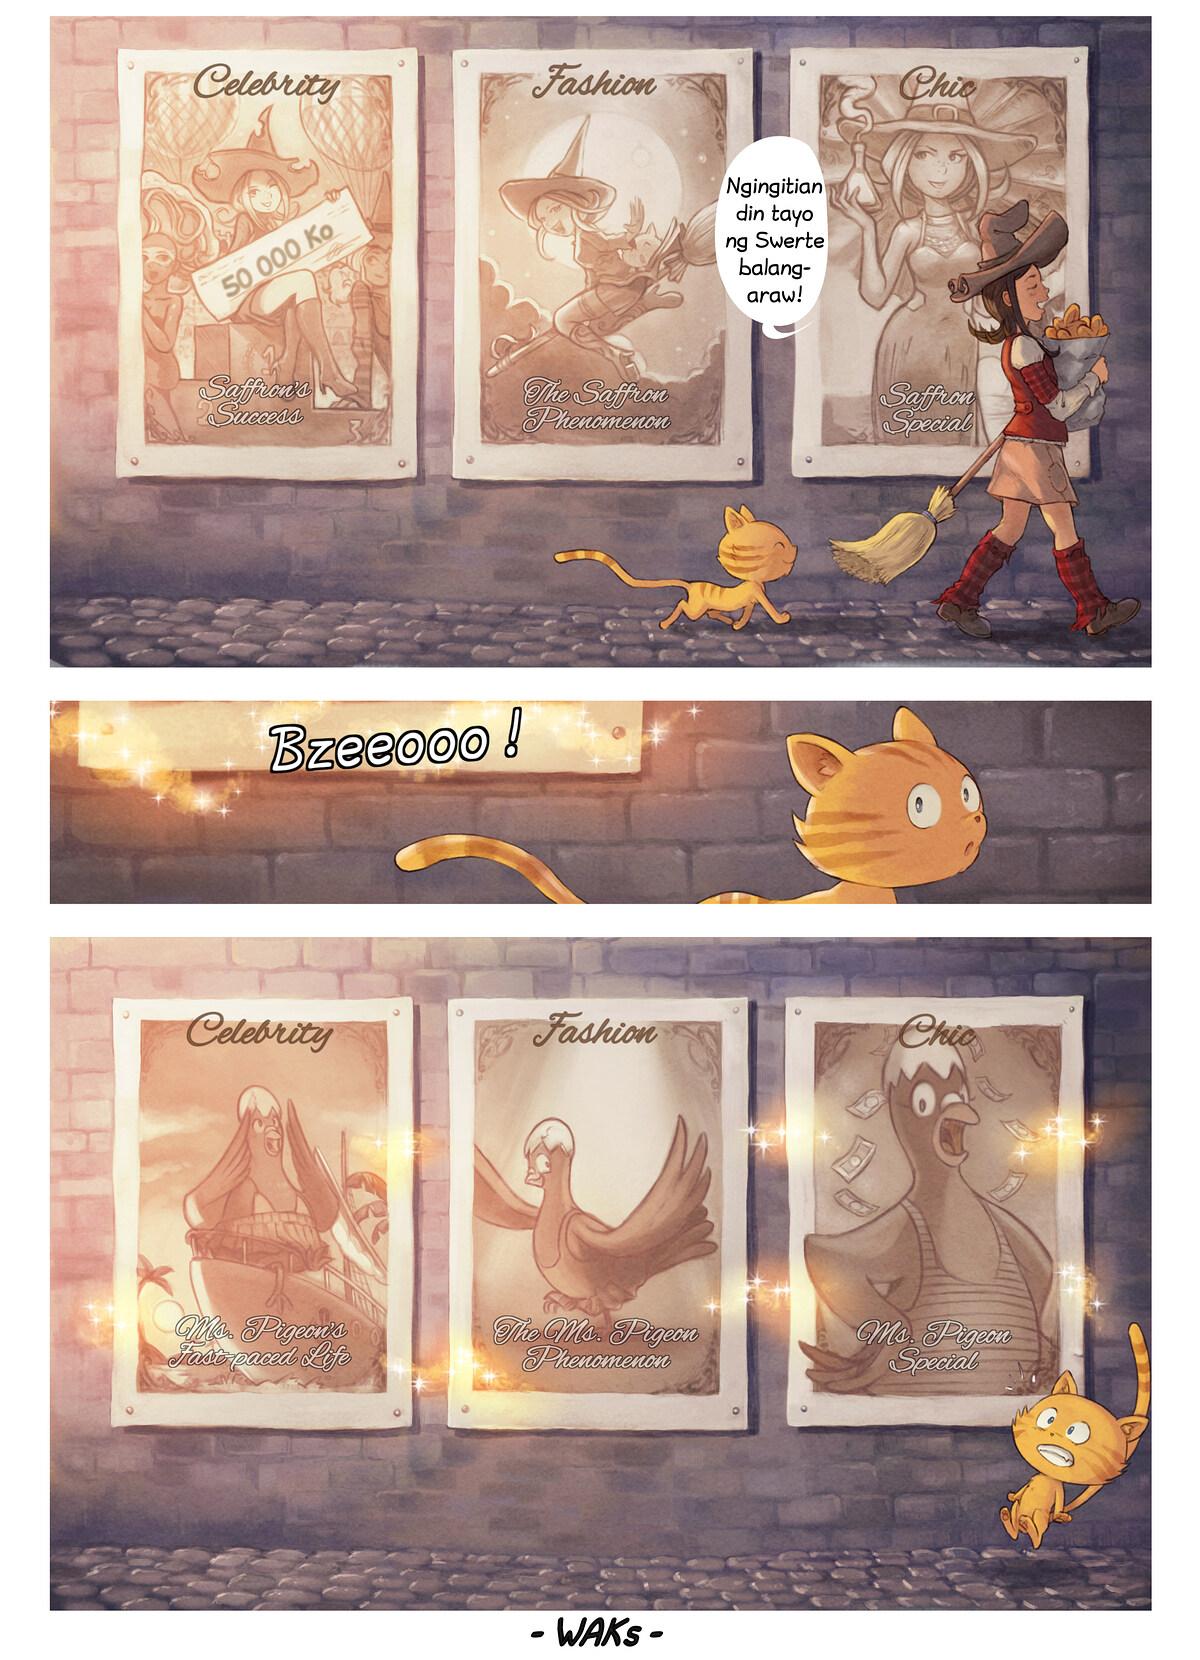 Episode 23: Take a Chance, Page 7